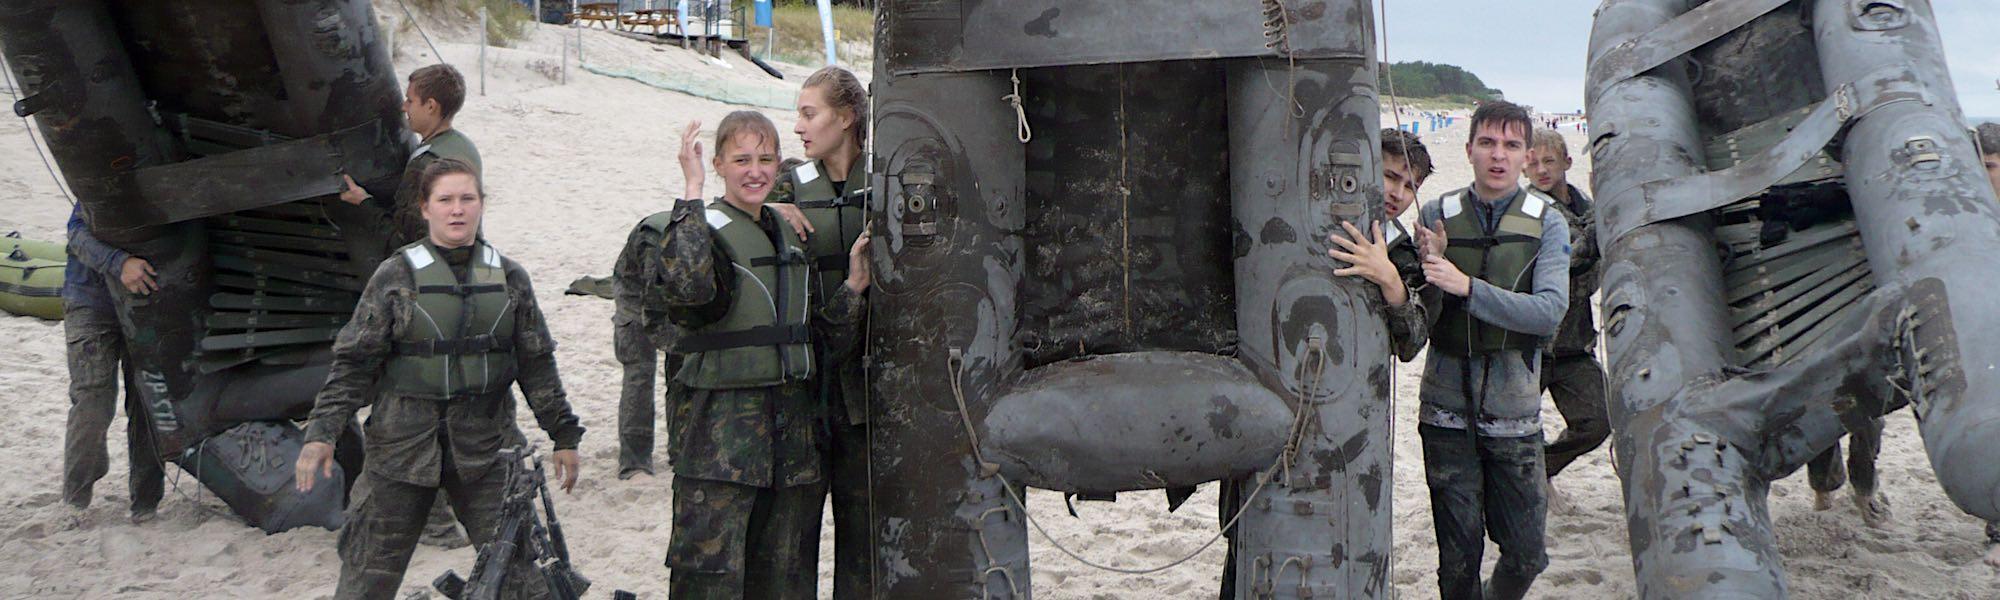 obozy wojskowe dla młodziezy